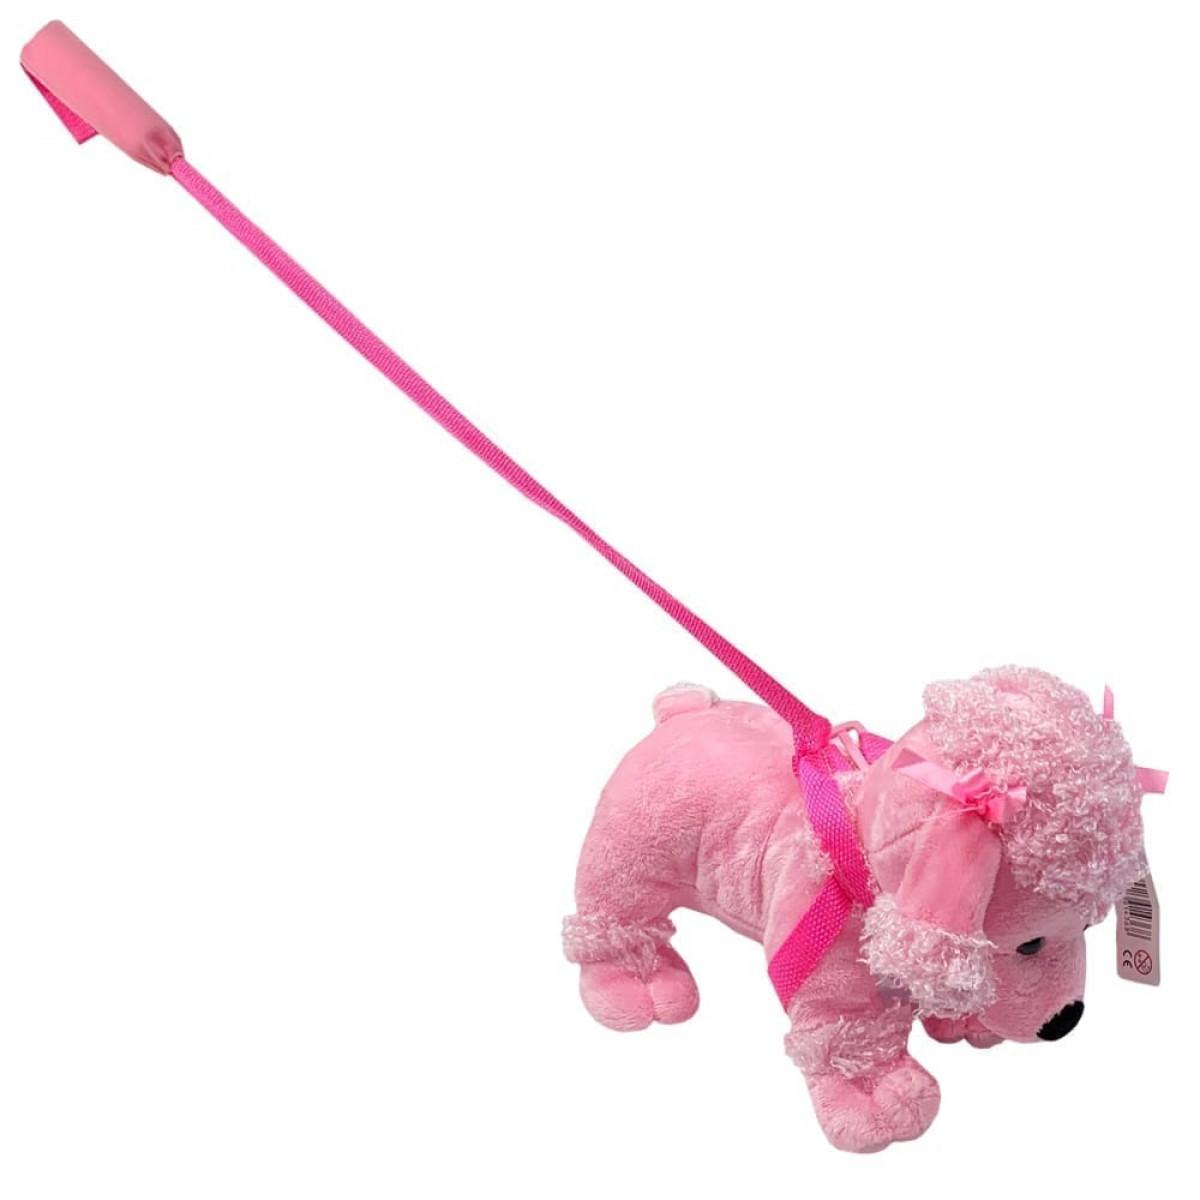 poodal pink